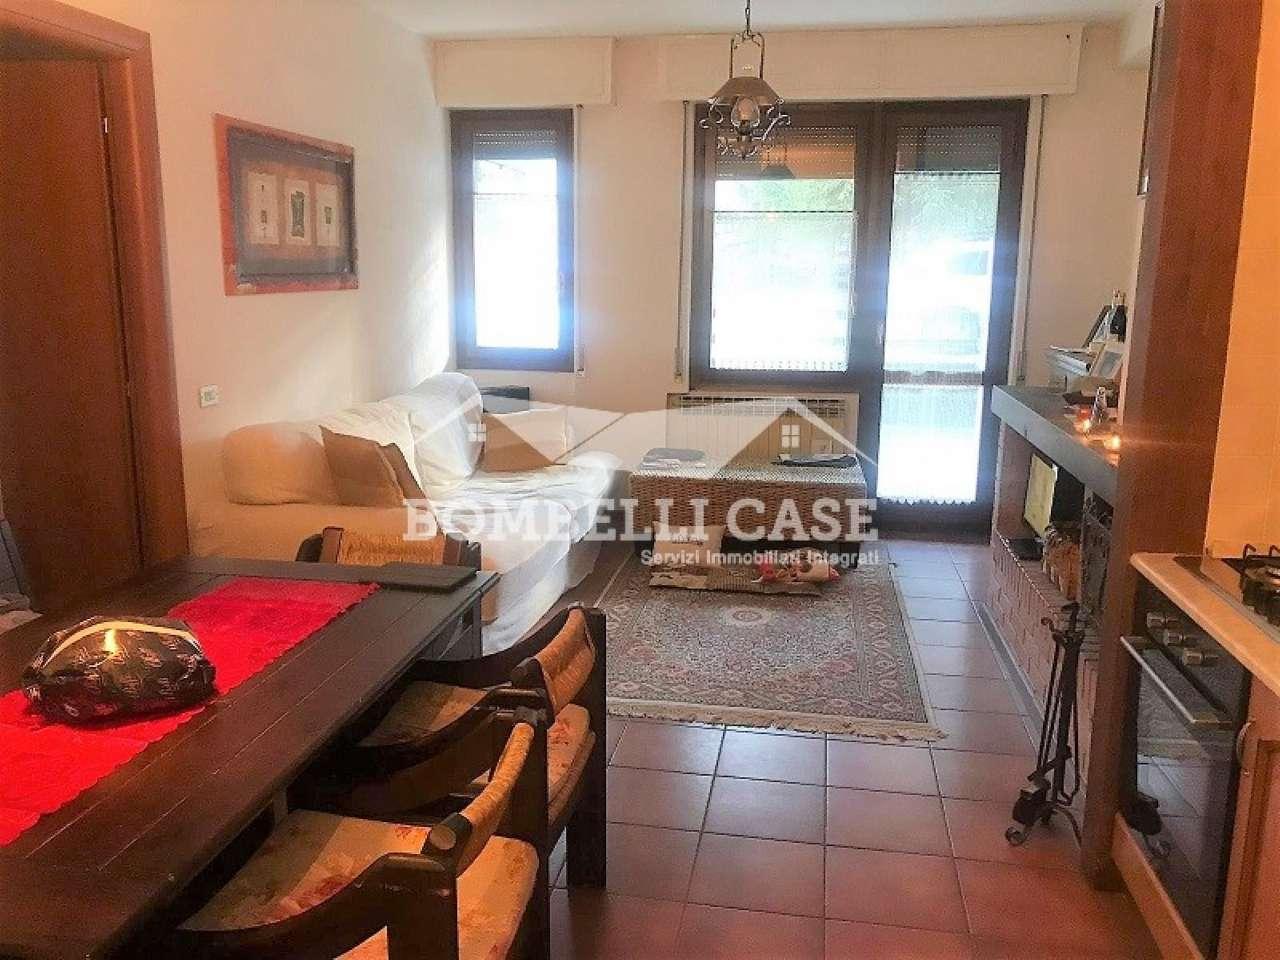 Appartamento in vendita a Aprica, 3 locali, prezzo € 180.000 | CambioCasa.it